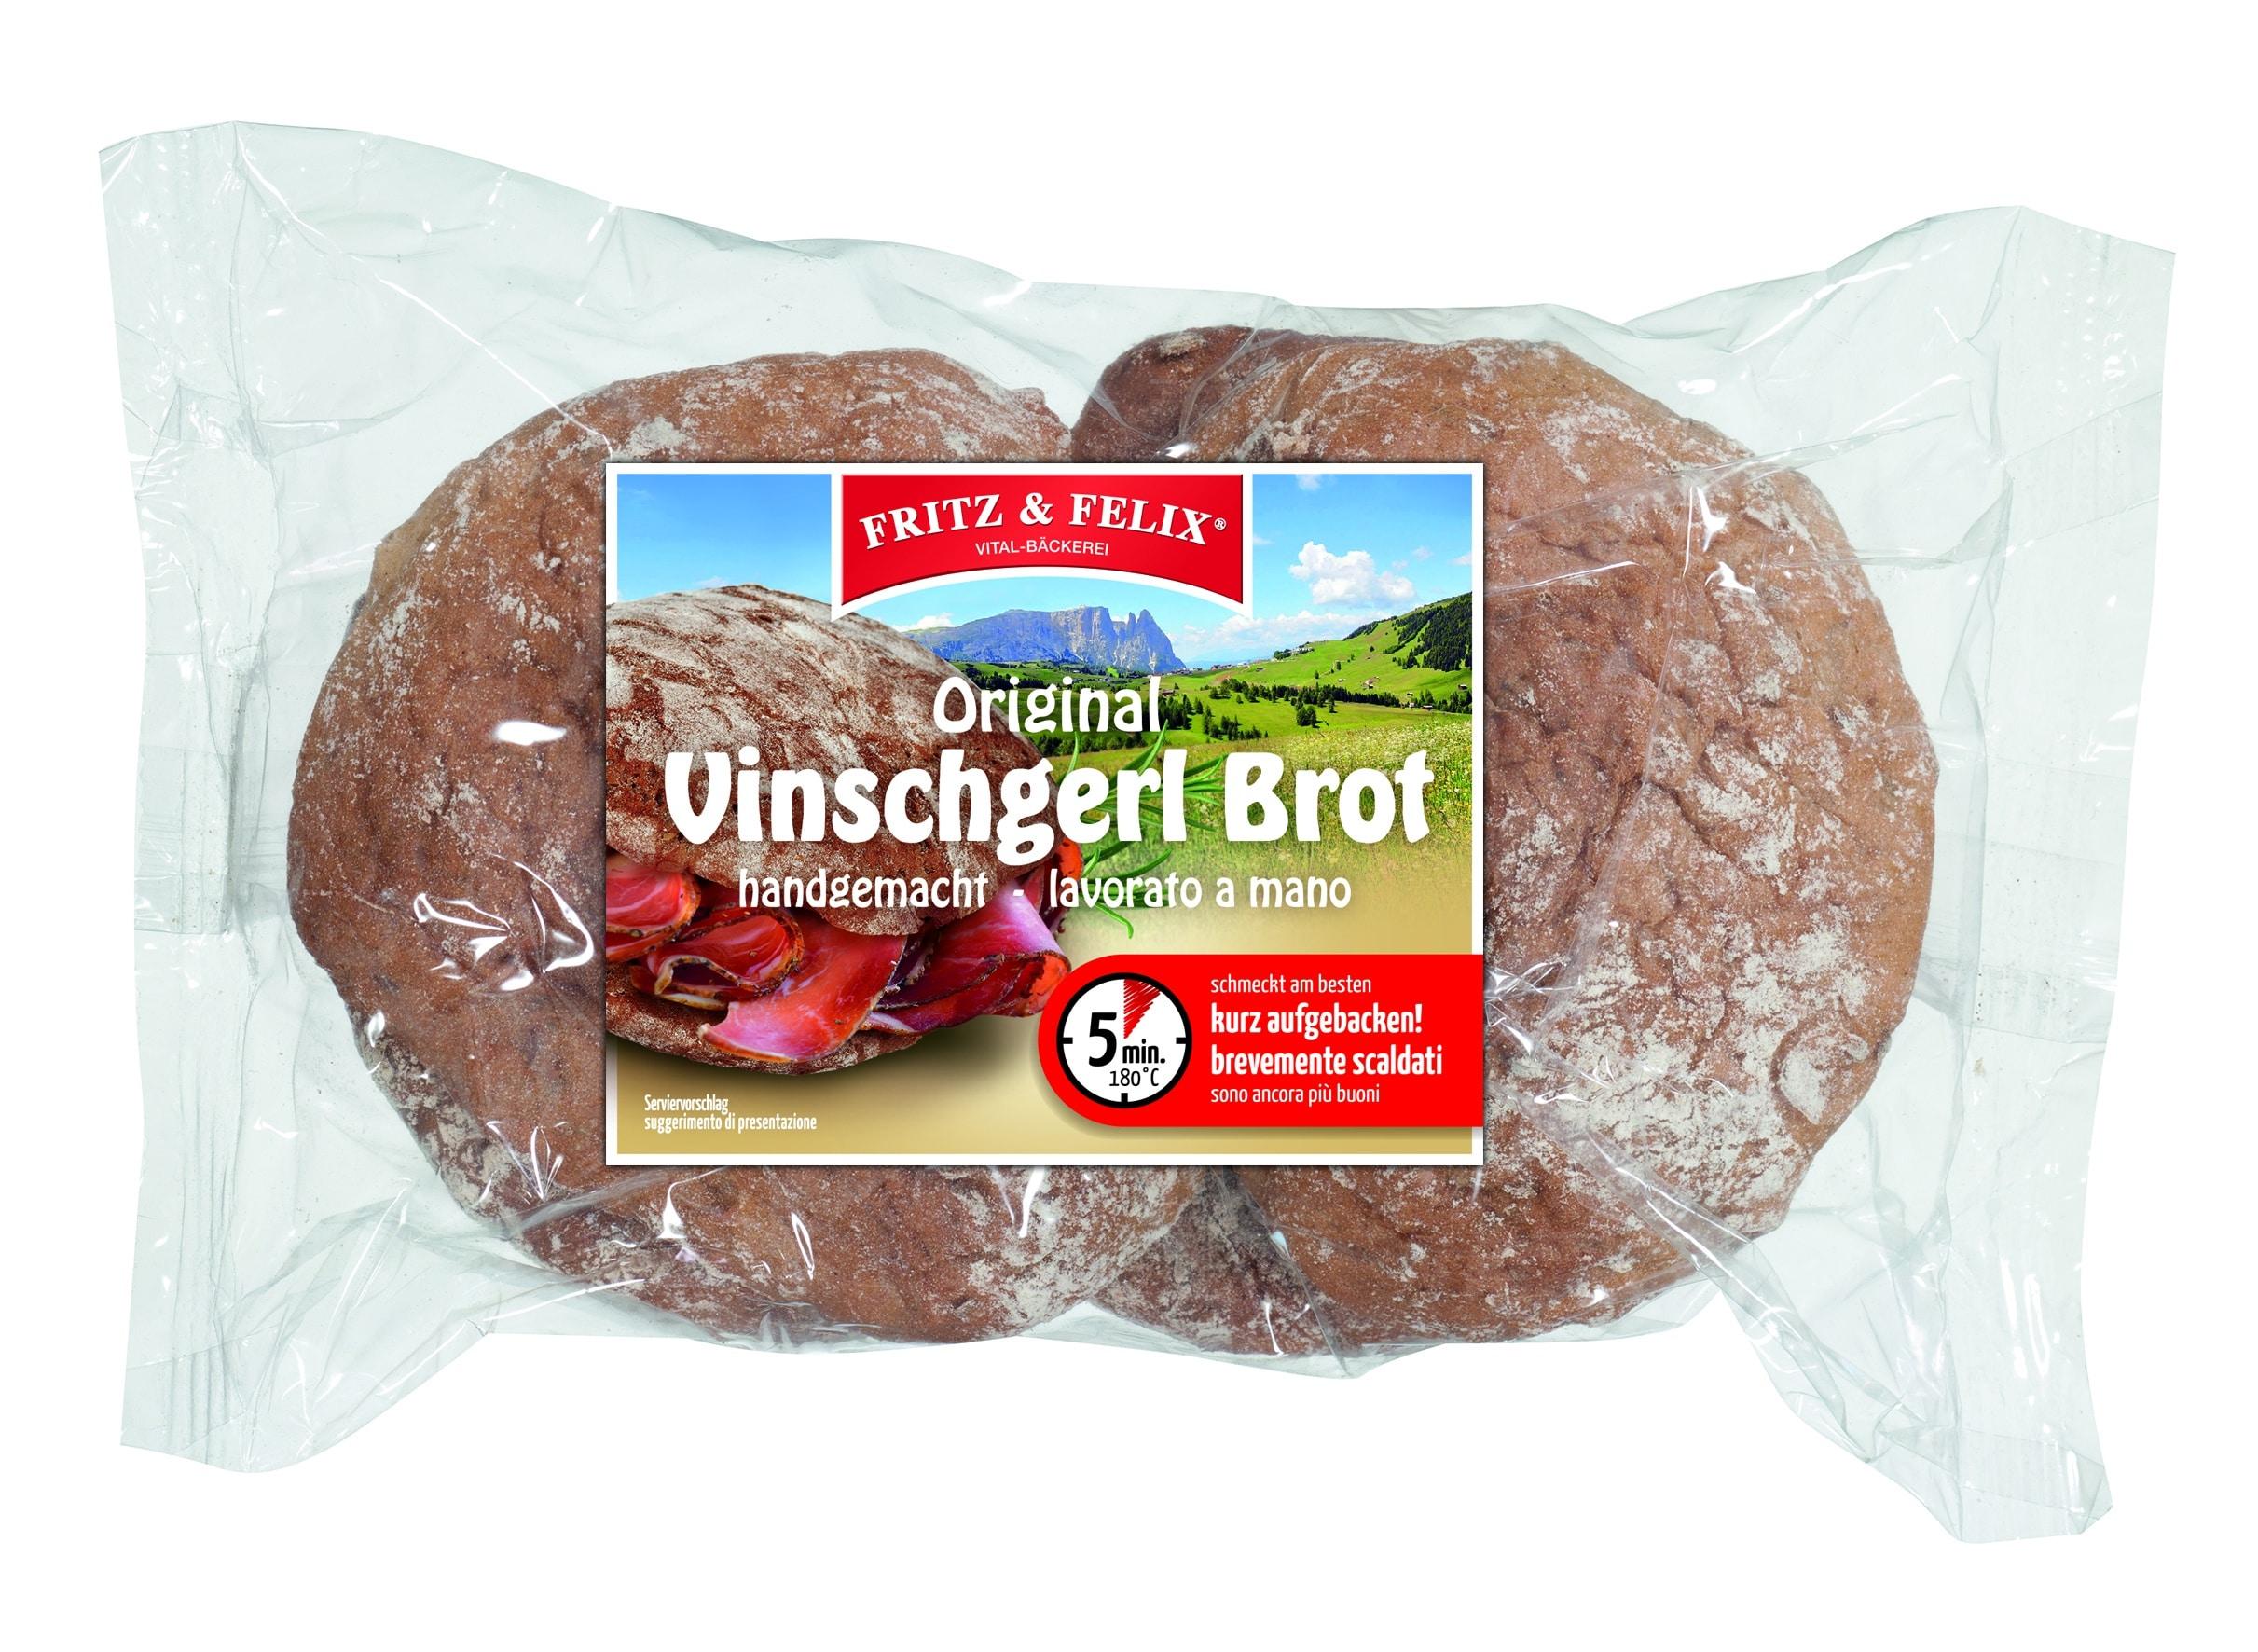 Vinschgerl Brot